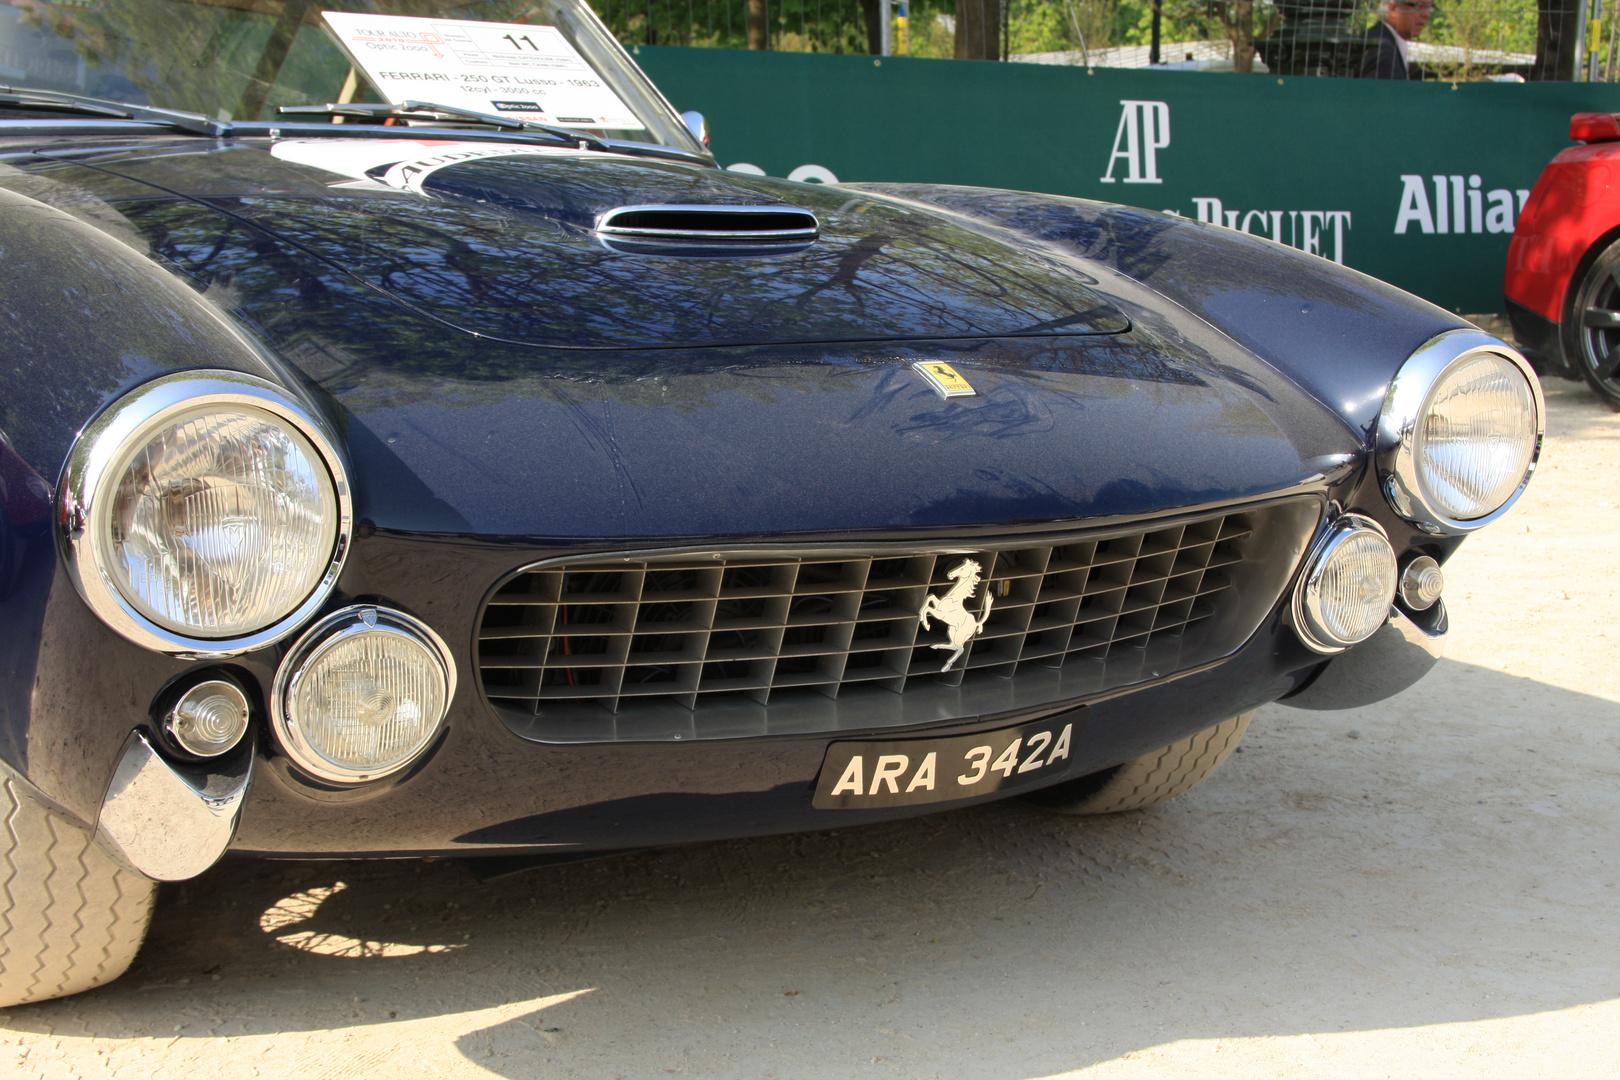 Tour de France auto 2010 Ferrari